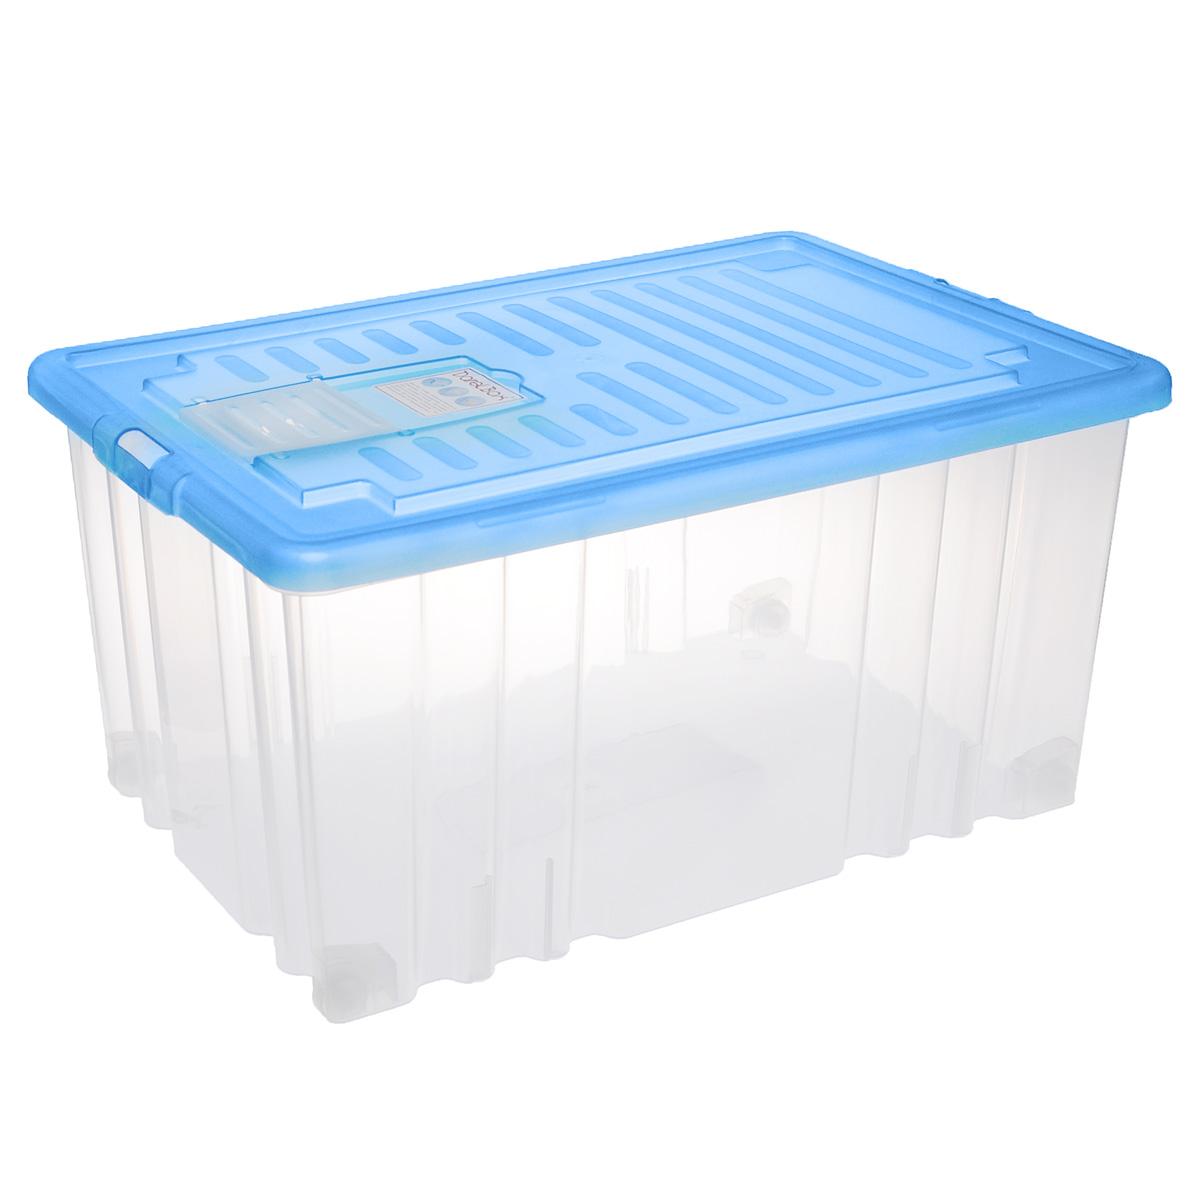 Ящик Darel Box, с крышкой, цвет: синий, прозрачный, 56 лPANTERA SPX-2RSЯщик Darel Box, изготовленный из прозрачного пластика, оснащен плотно закрывающейся крышкой и специальным клапаном для антимолиевых и дезодорирующих веществ. Изделие предназначено для хранения различных бытовых вещей. Идеально подойдет для хранения белья, продуктов, игрушек. Будет незаменим на даче, в гараже или кладовой. Выдерживает температурные перепады от -25°С до +95°С. Изделие имеет четыре маленьких колесика, обеспечивающих удобство перемещения ящика. Колеса бокса могут принимать два положения: утопленное - для хранения, и рабочее - для перемещения. Размер ящика: 65 см х 41,5 см х 31 см.